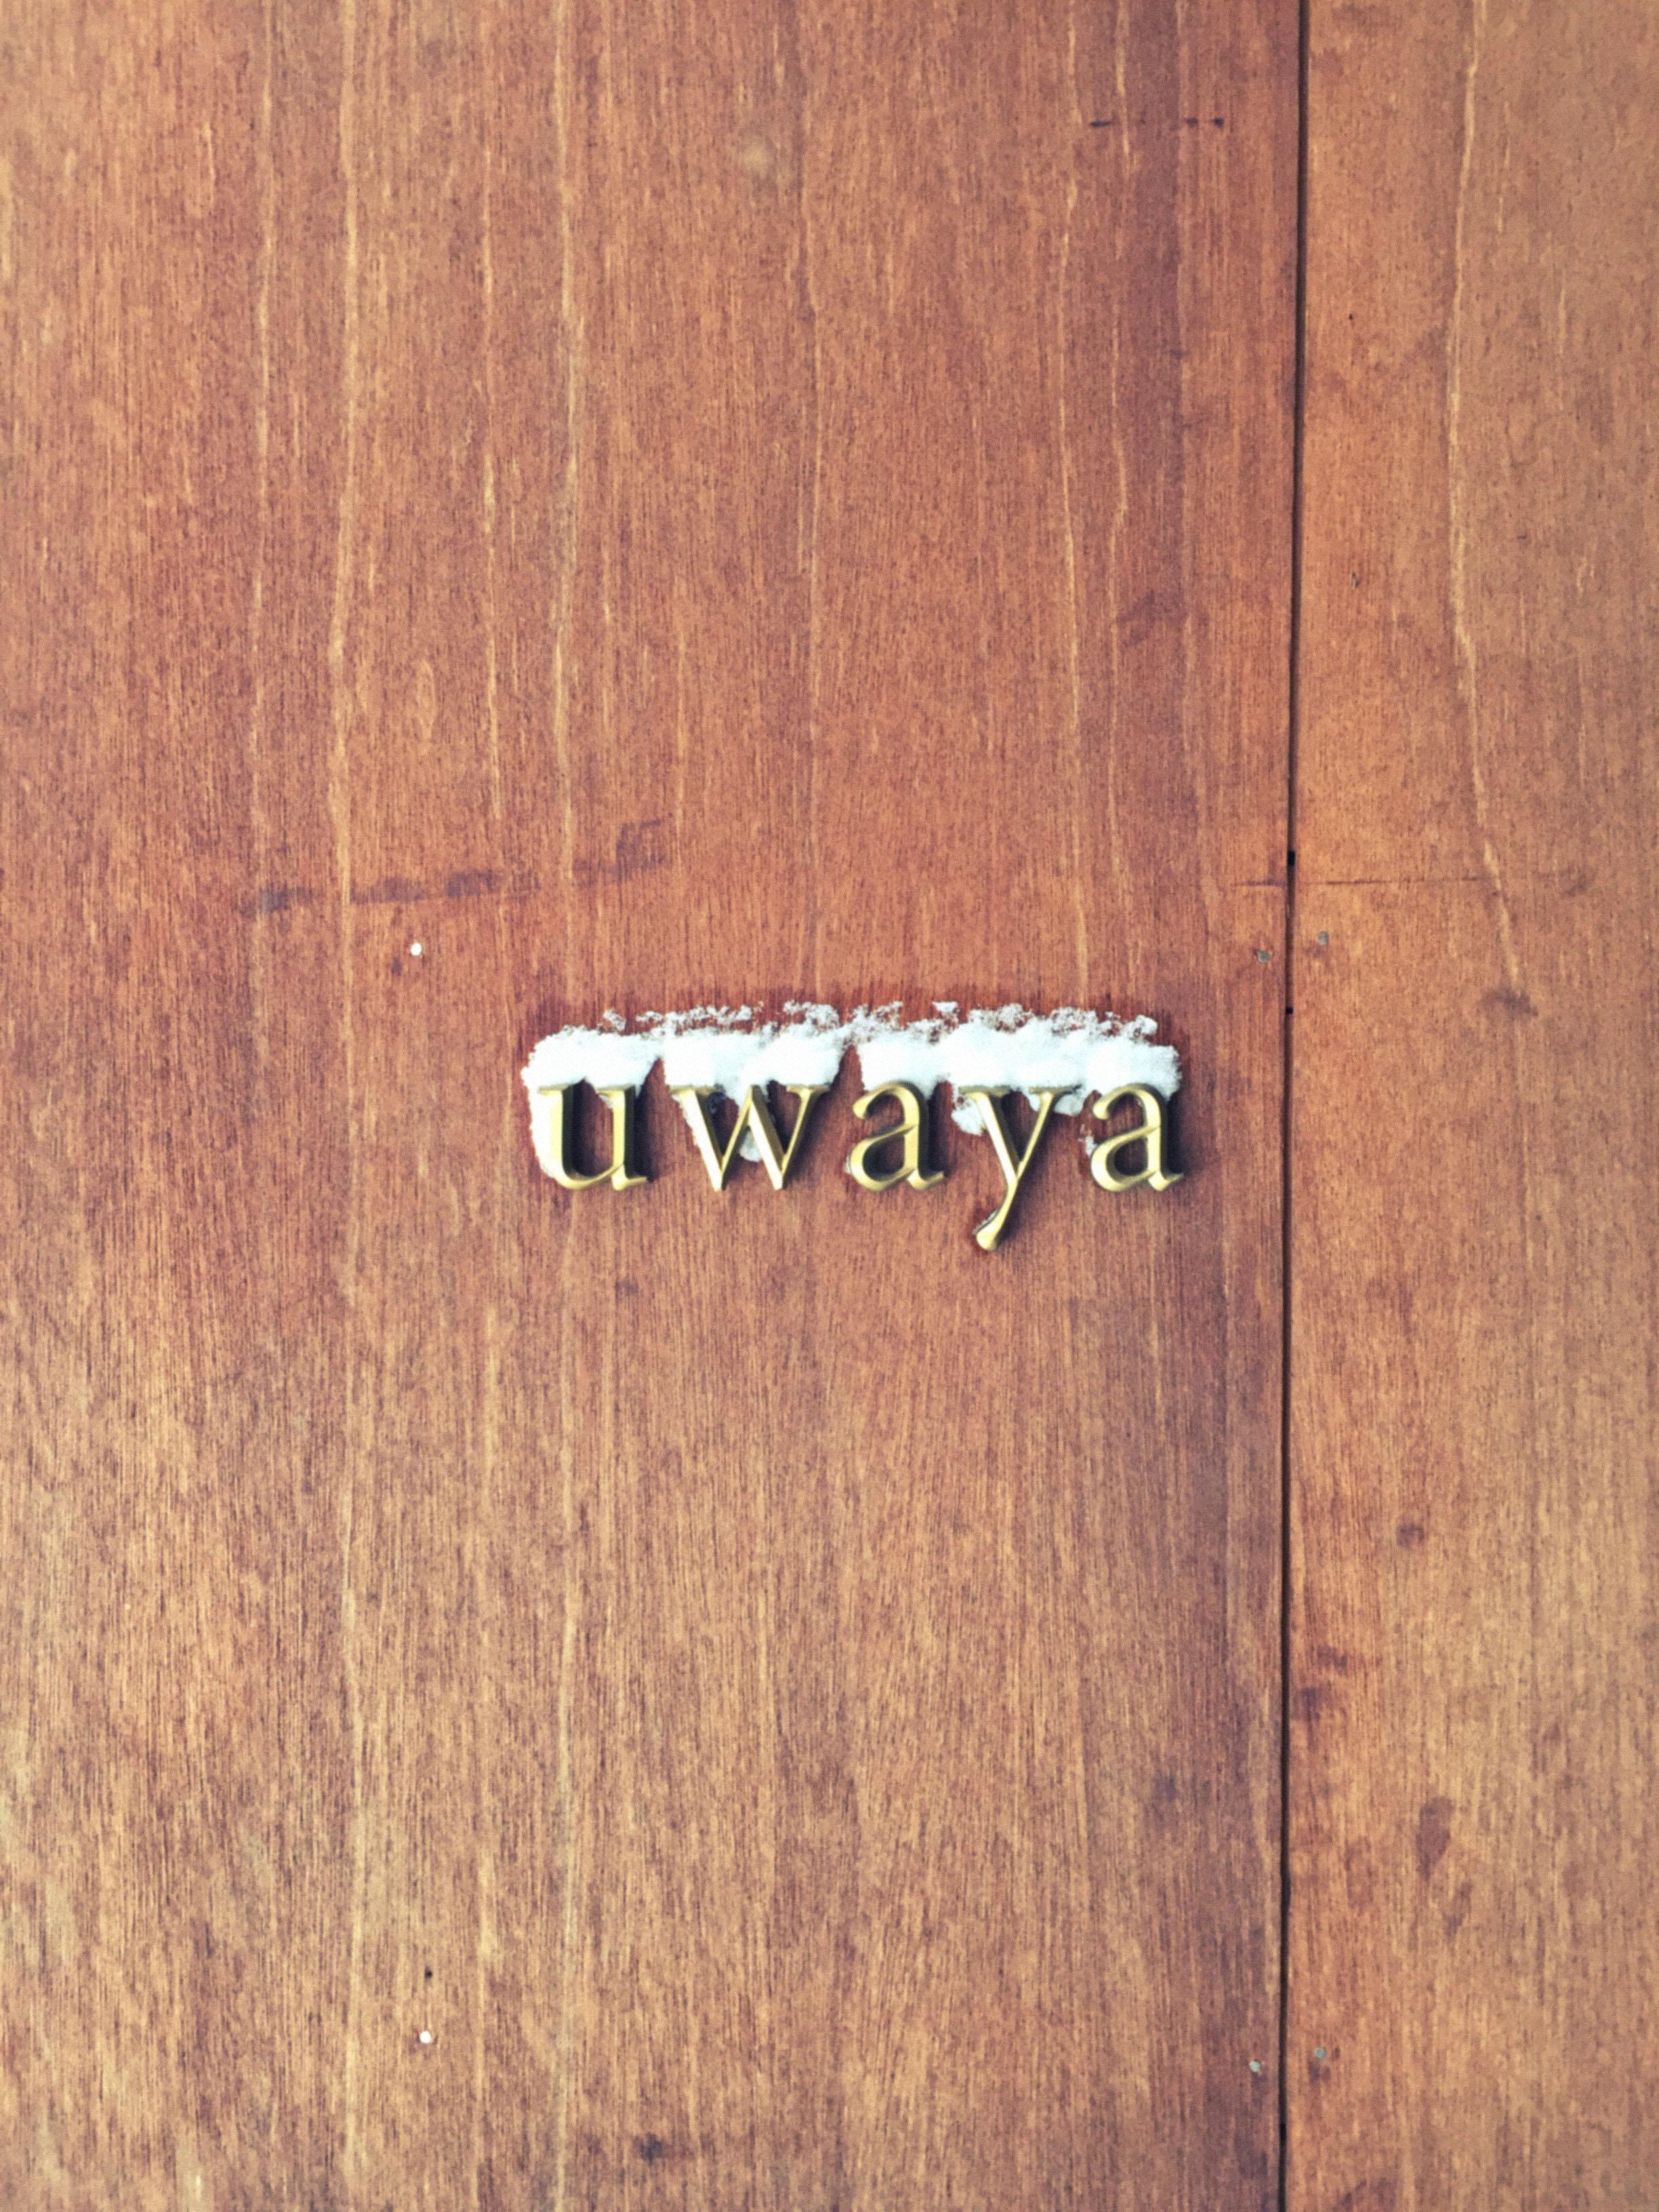 uwayaサイン